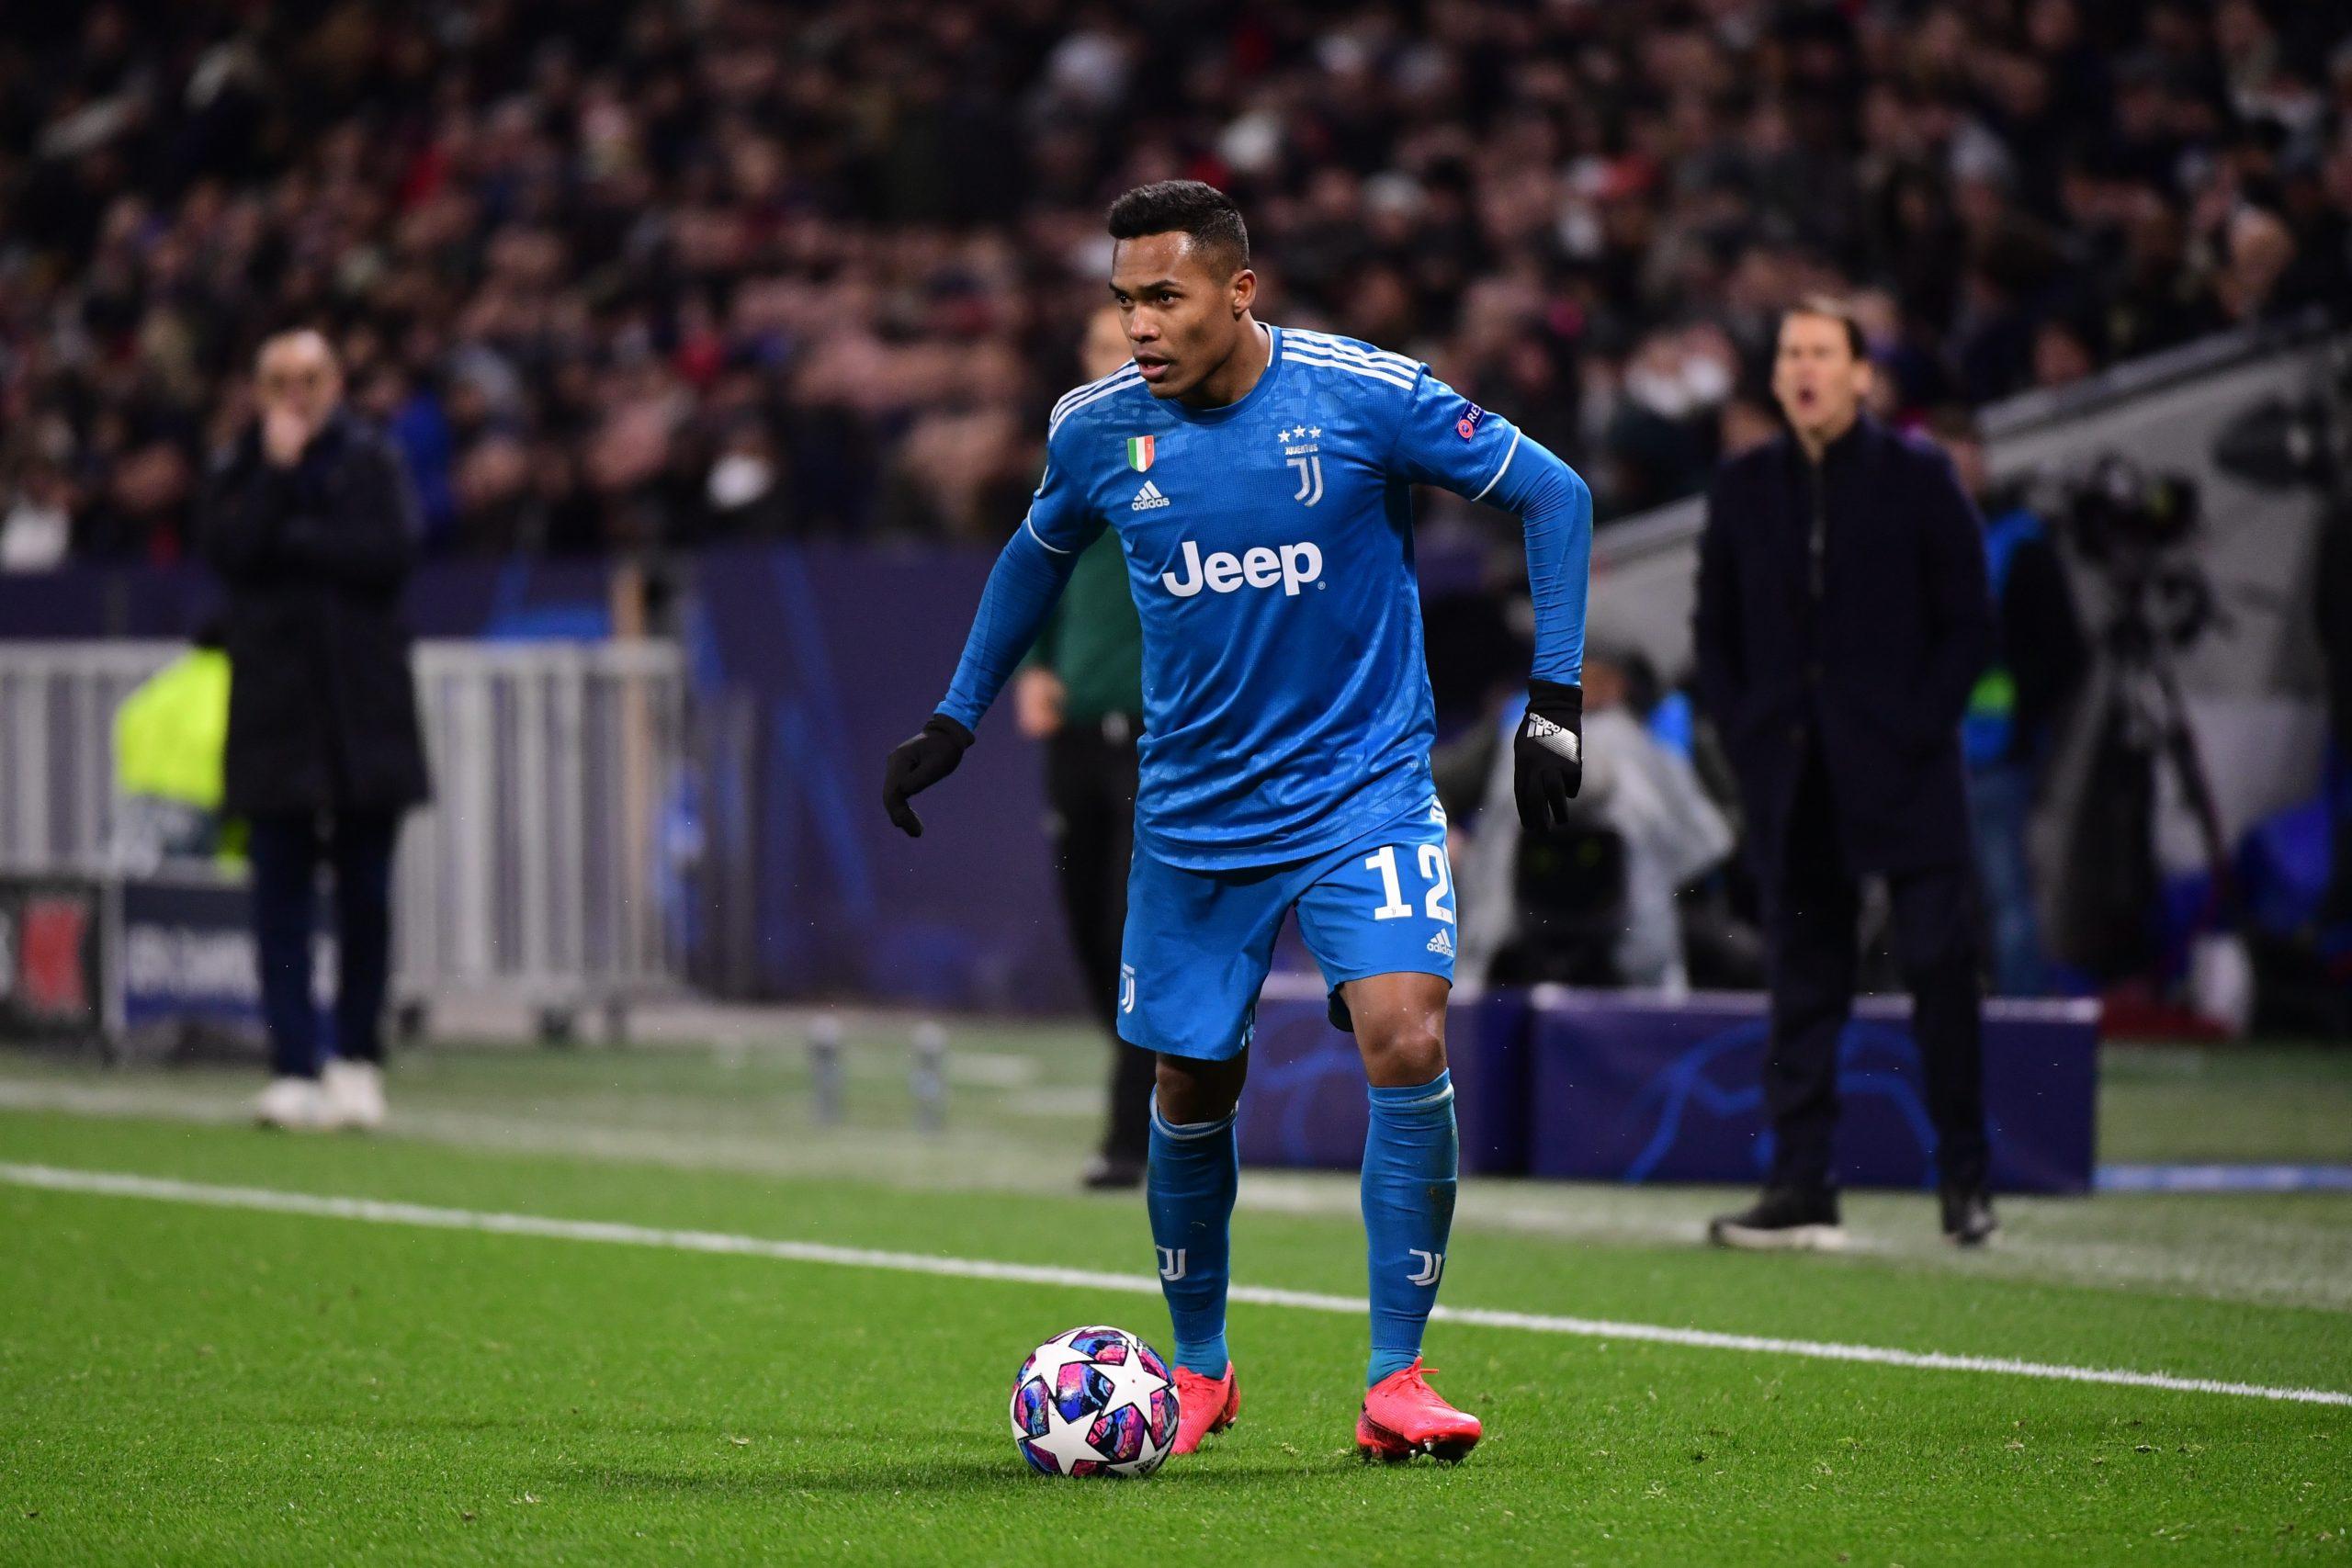 Mercato - La Juventus pourrait placer Alex Sandro dans l'échange pour Icardi